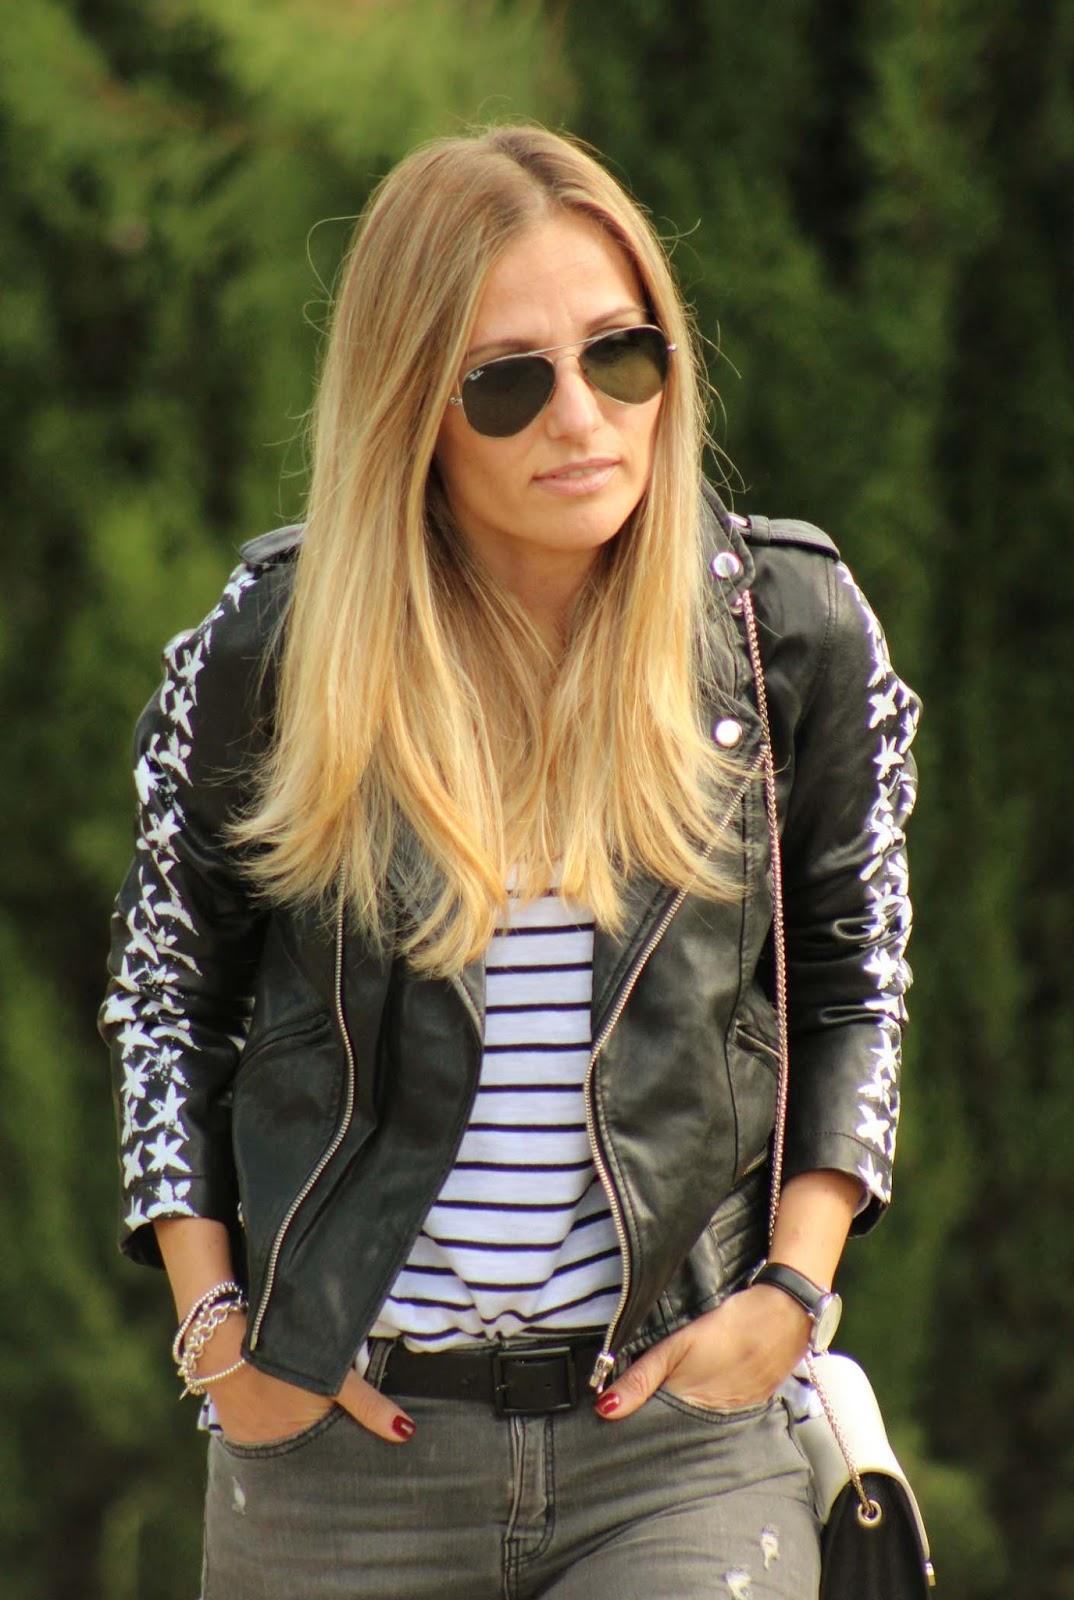 Eniwhere Fashion - Zaful's leather jacket